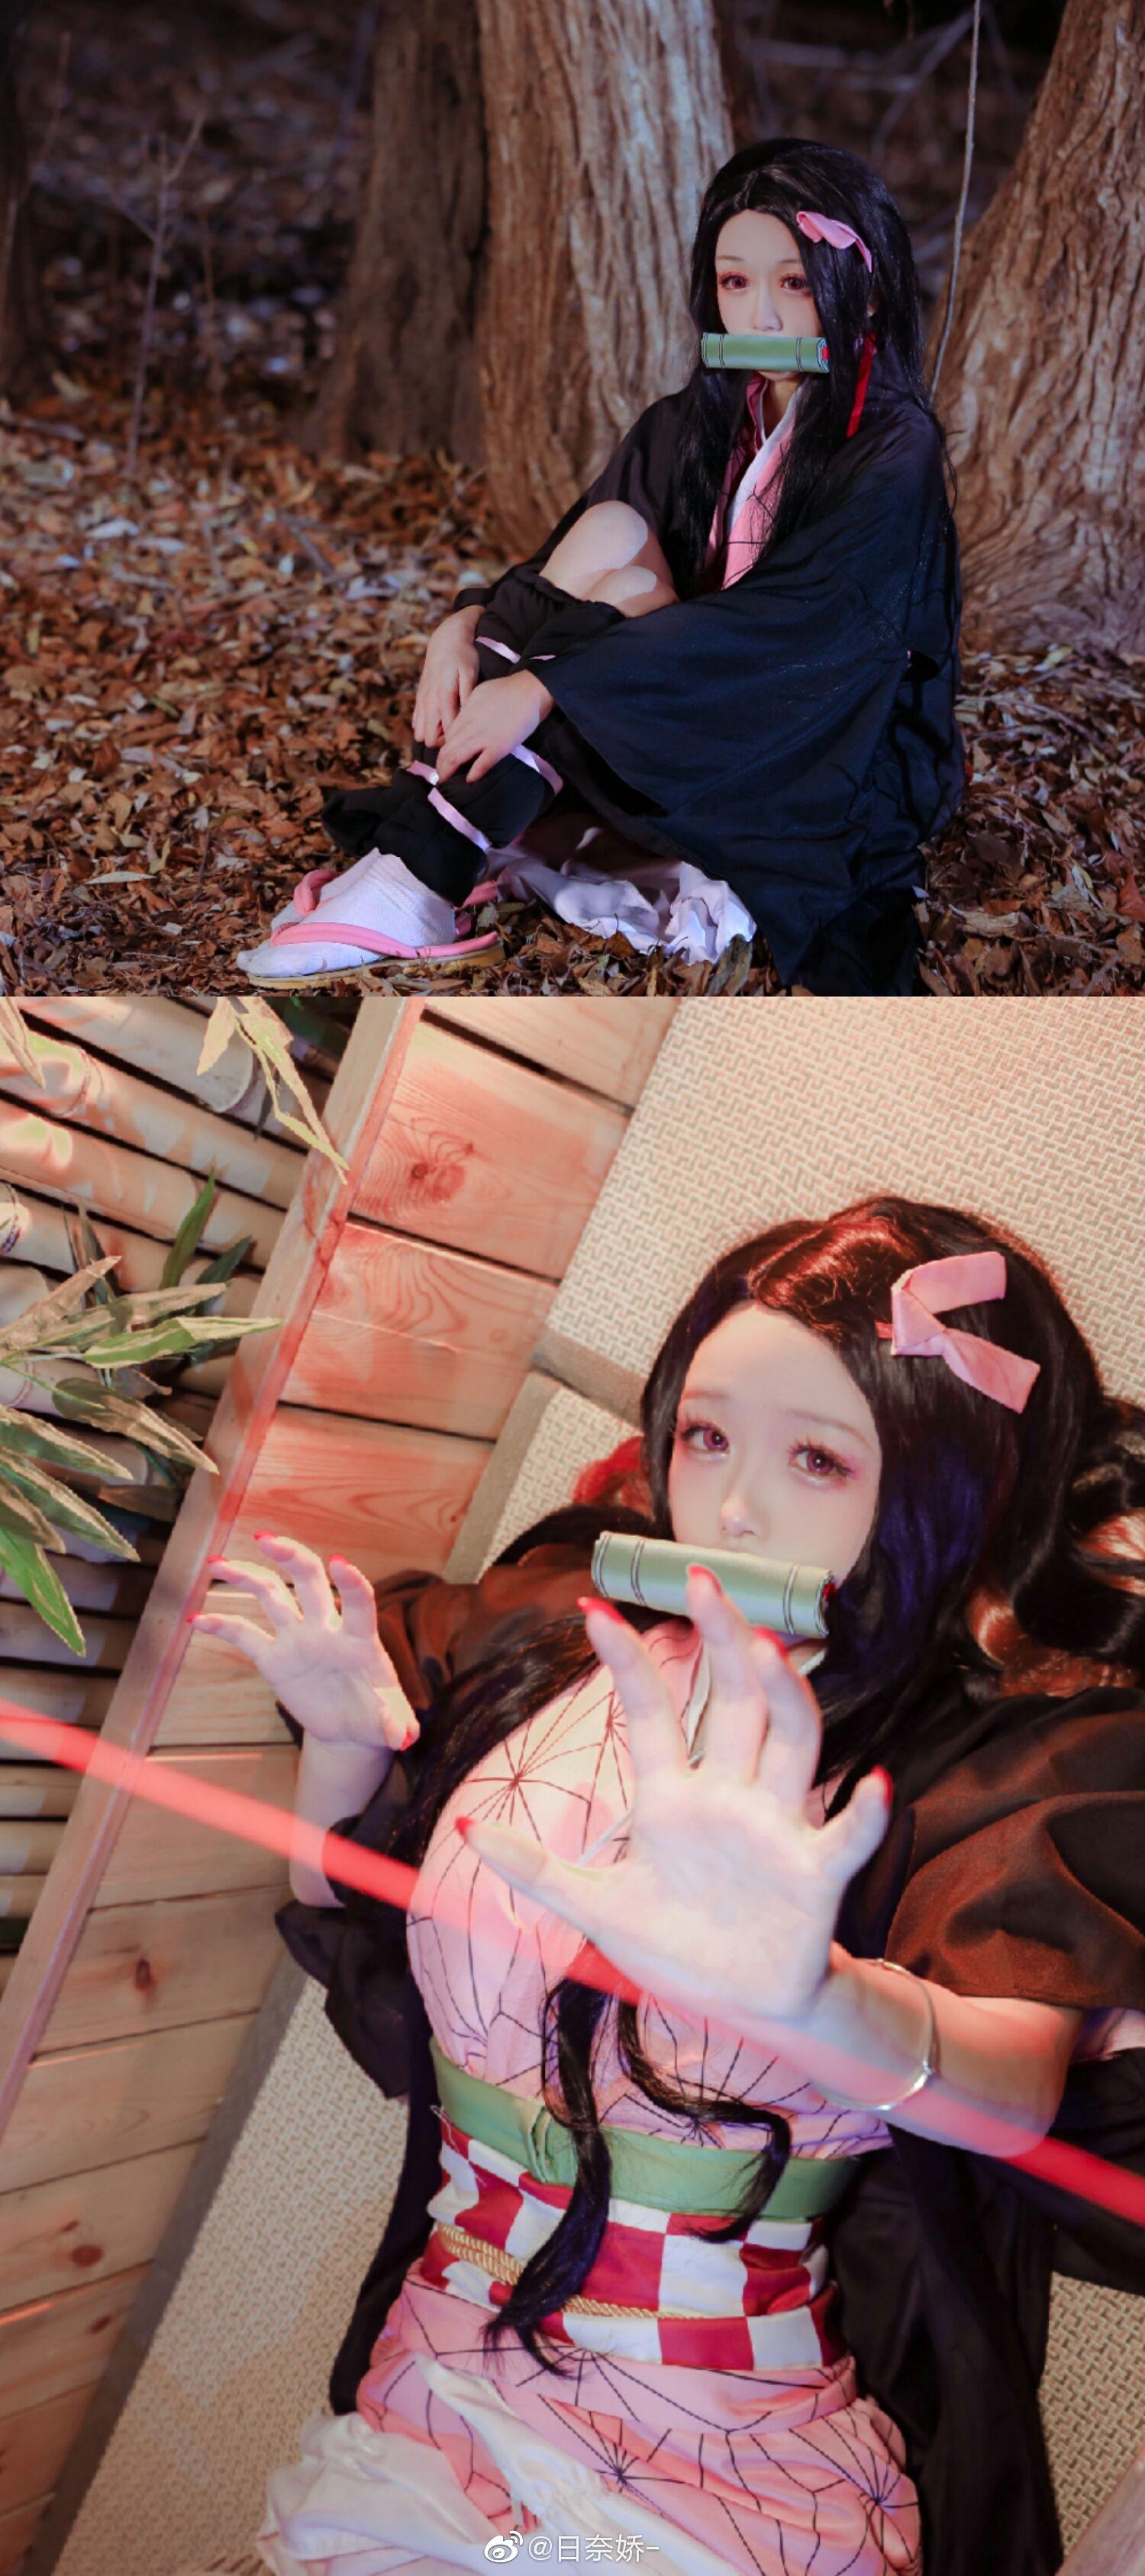 VOL.1428 [网络美女]COSPLAY:日奈娇(COSER日奈娇)超高清写真套图(10P)